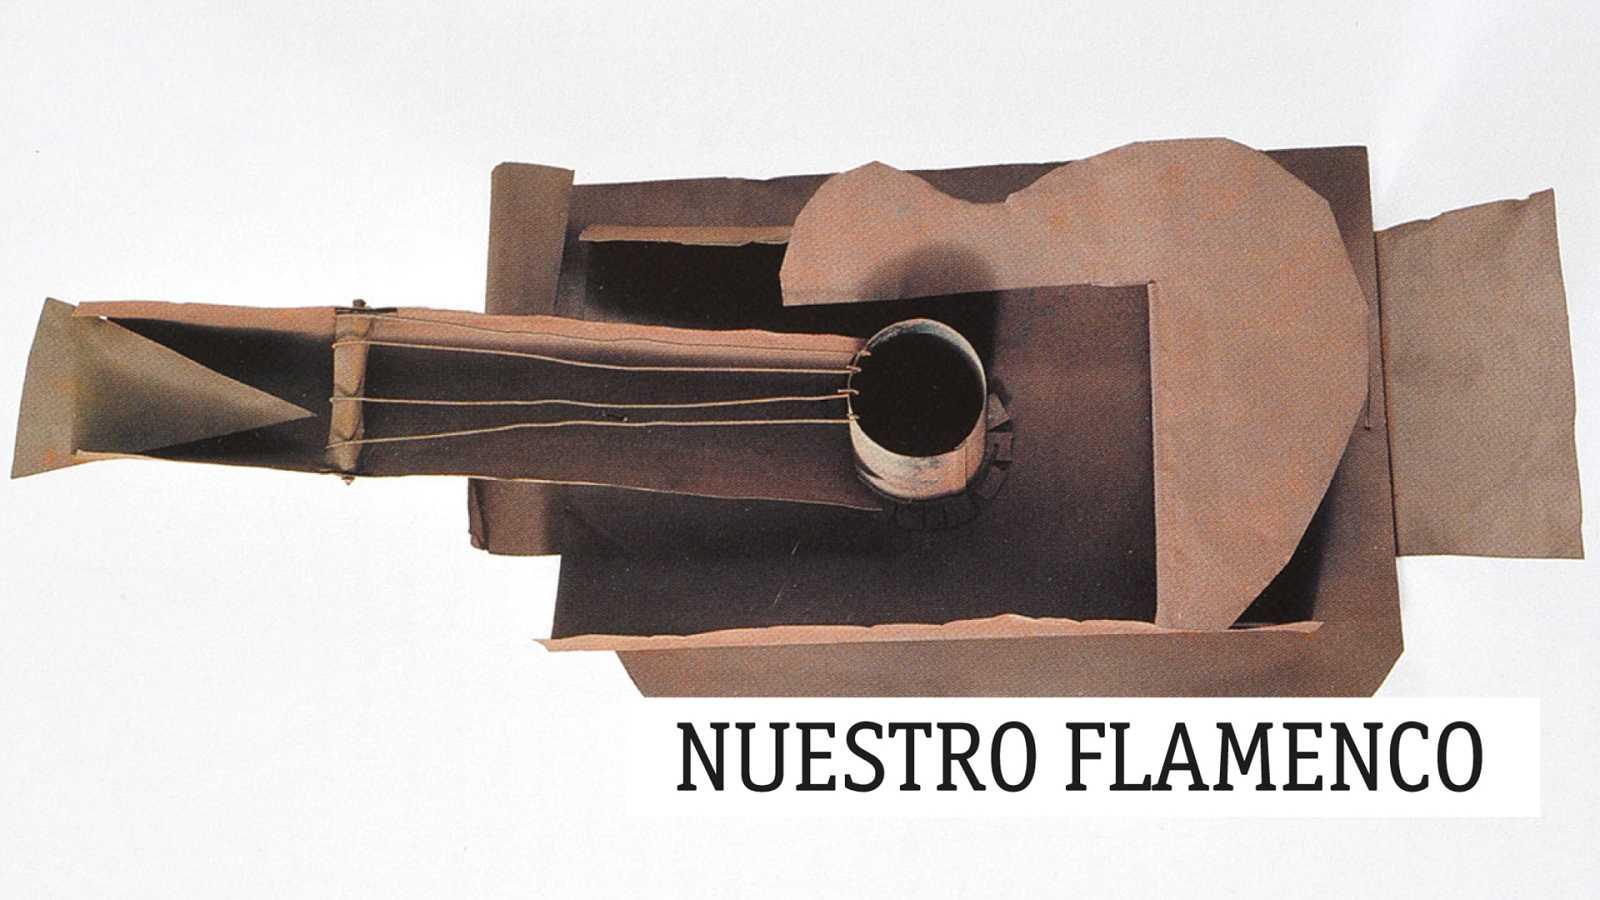 Nuestro flamenco - Alfredo Grimaldos en el recuerdo - 09/03/21 - escuchar ahora